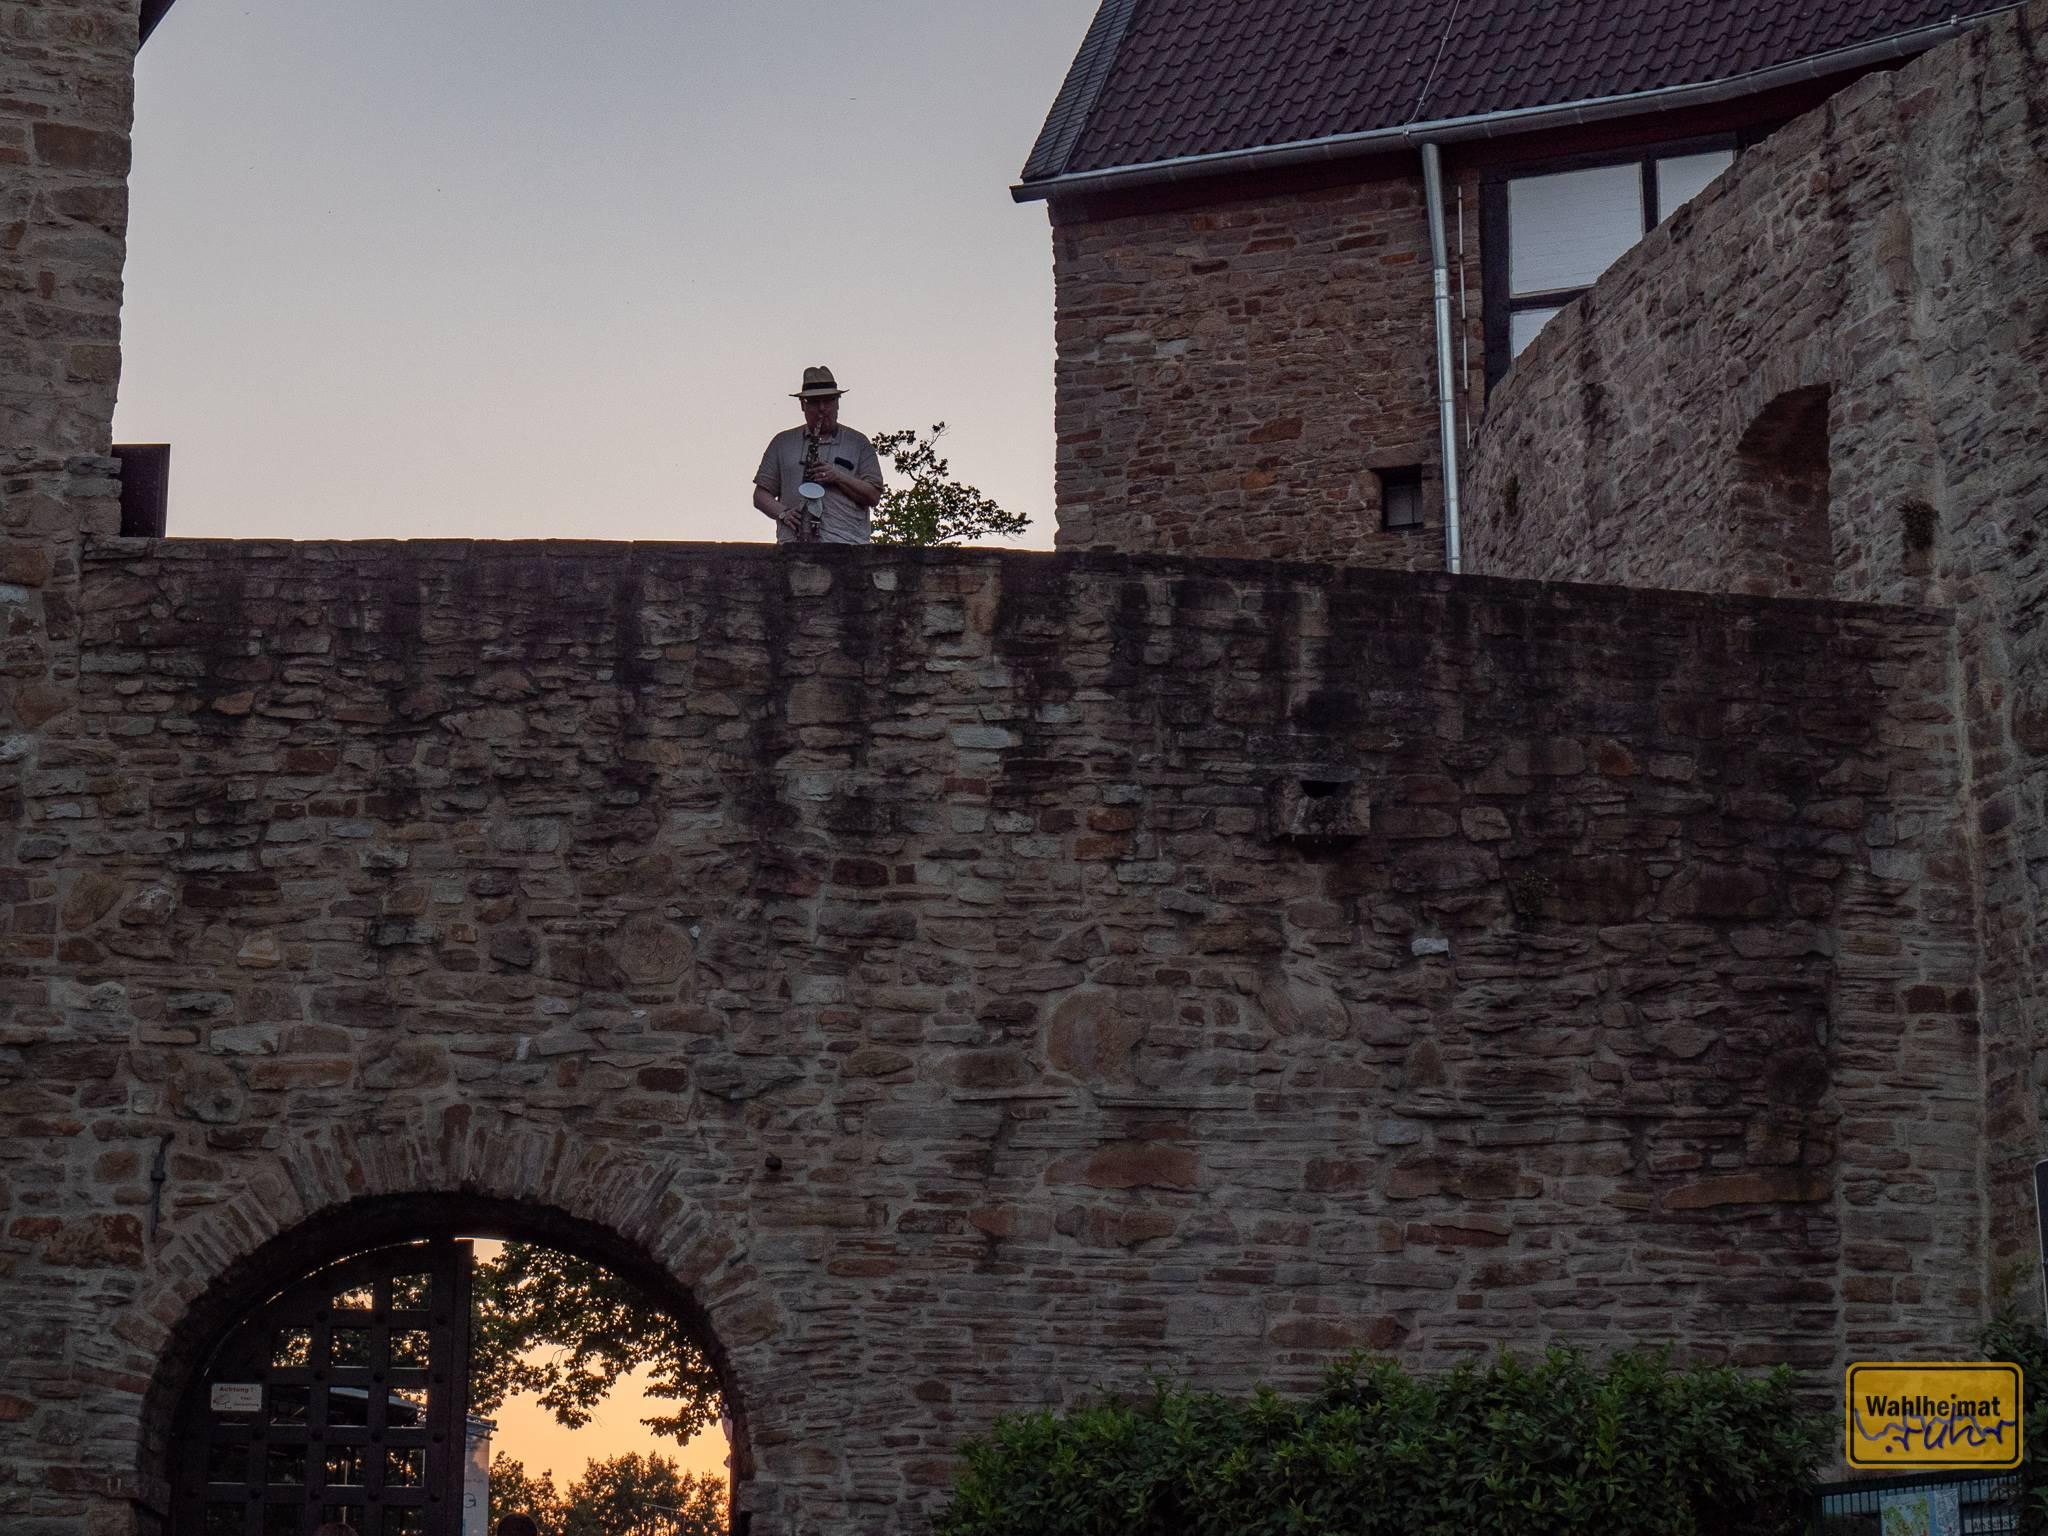 The lonely piper, äh, Saxophonist auf der Schlossmauer.